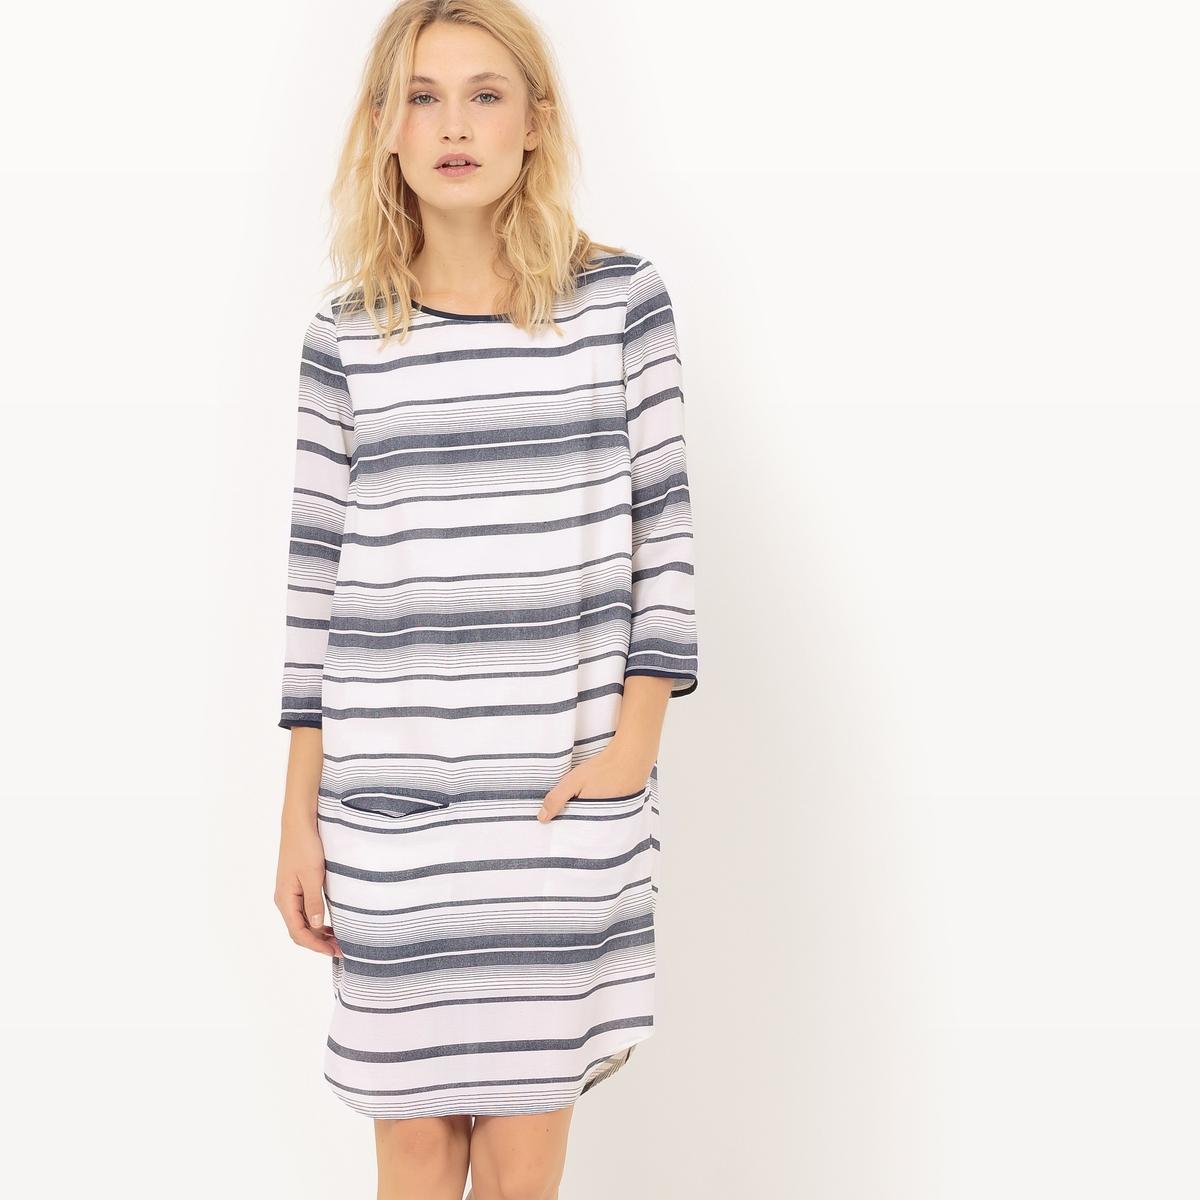 Платье в полоску с длинными рукавамиМатериал : 100% вискоза  Длина рукава : рукава 3/4  Форма воротника : круглый вырез Покрой платья : короткое Рисунок : принт   Длина платья : короткое<br><br>Цвет: в полоску экрю/синий<br>Размер: S.L